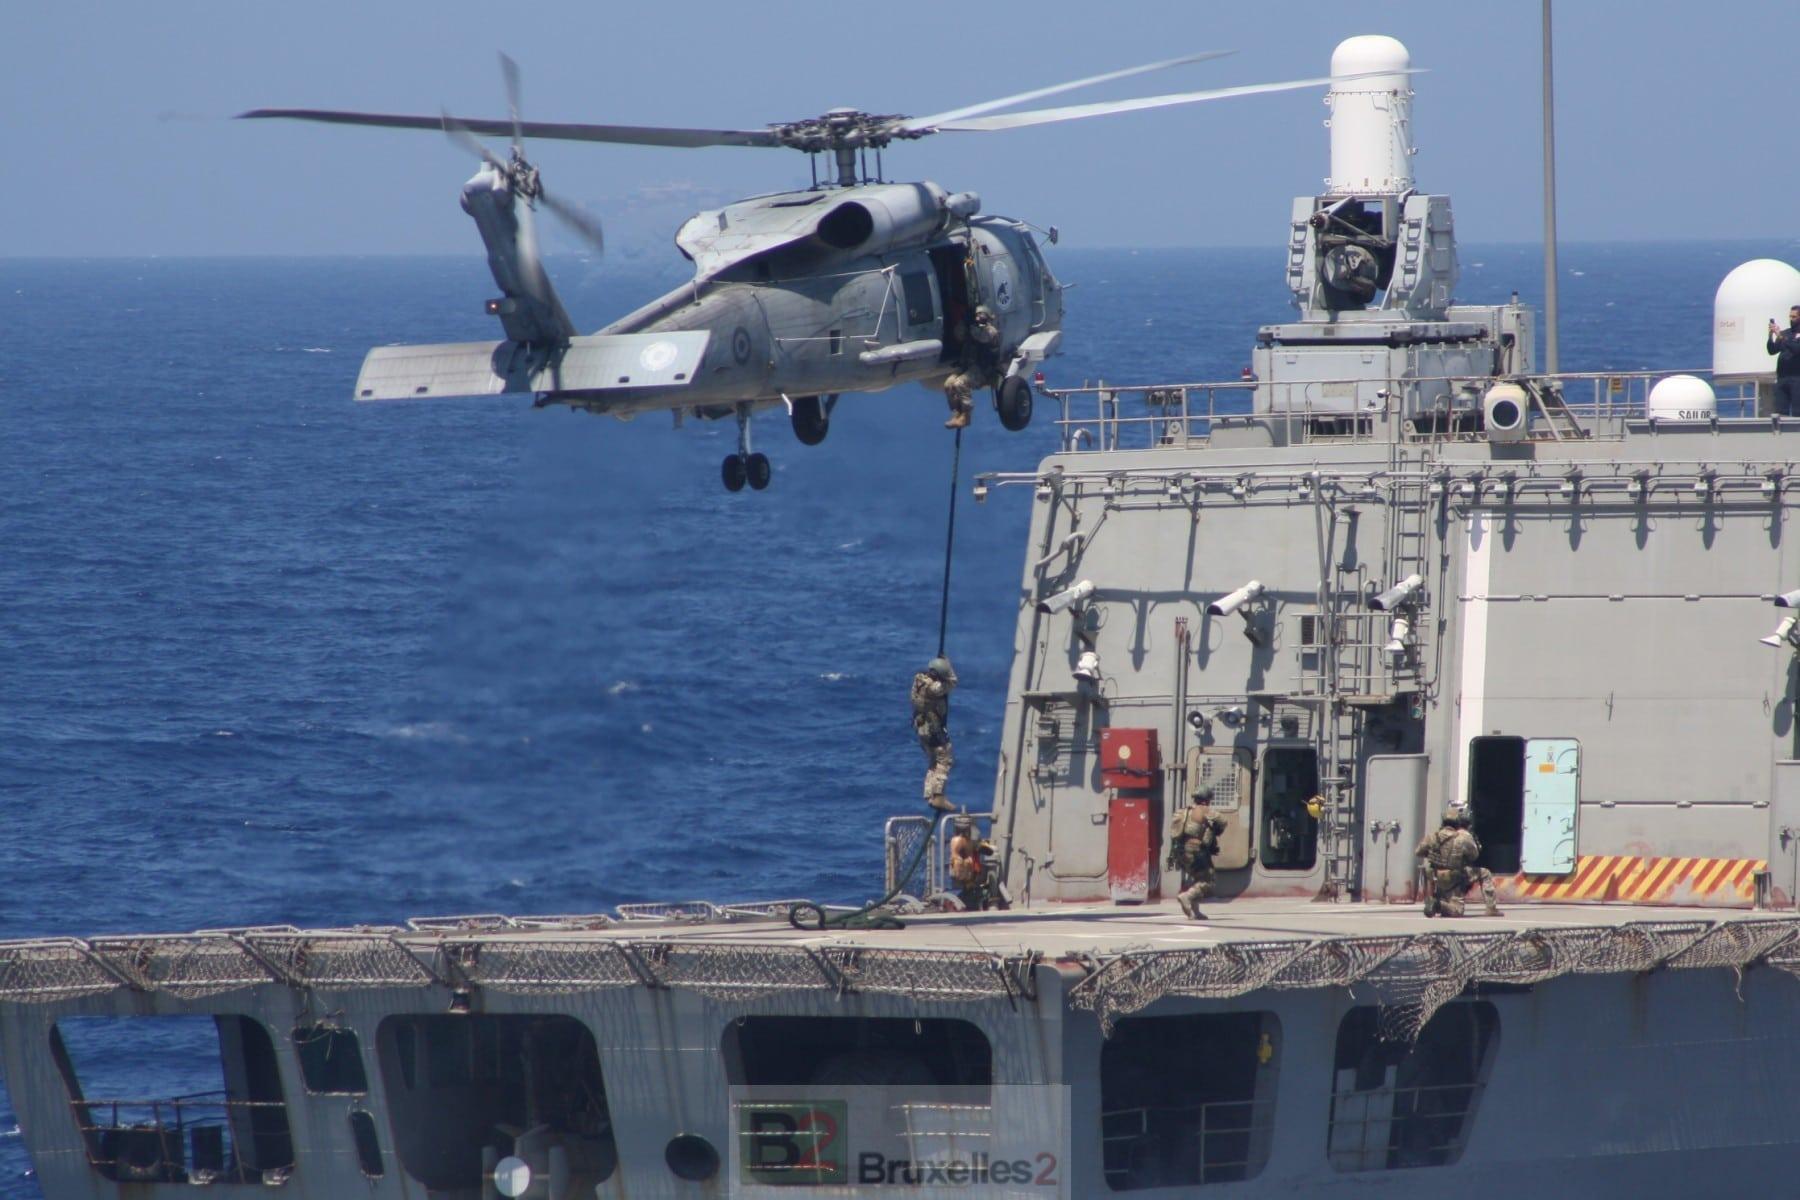 Grèce, France et Italie manœuvrent de concert en Méditerranée. Face à la Turquie - B2 Le blog de l'Europe politique